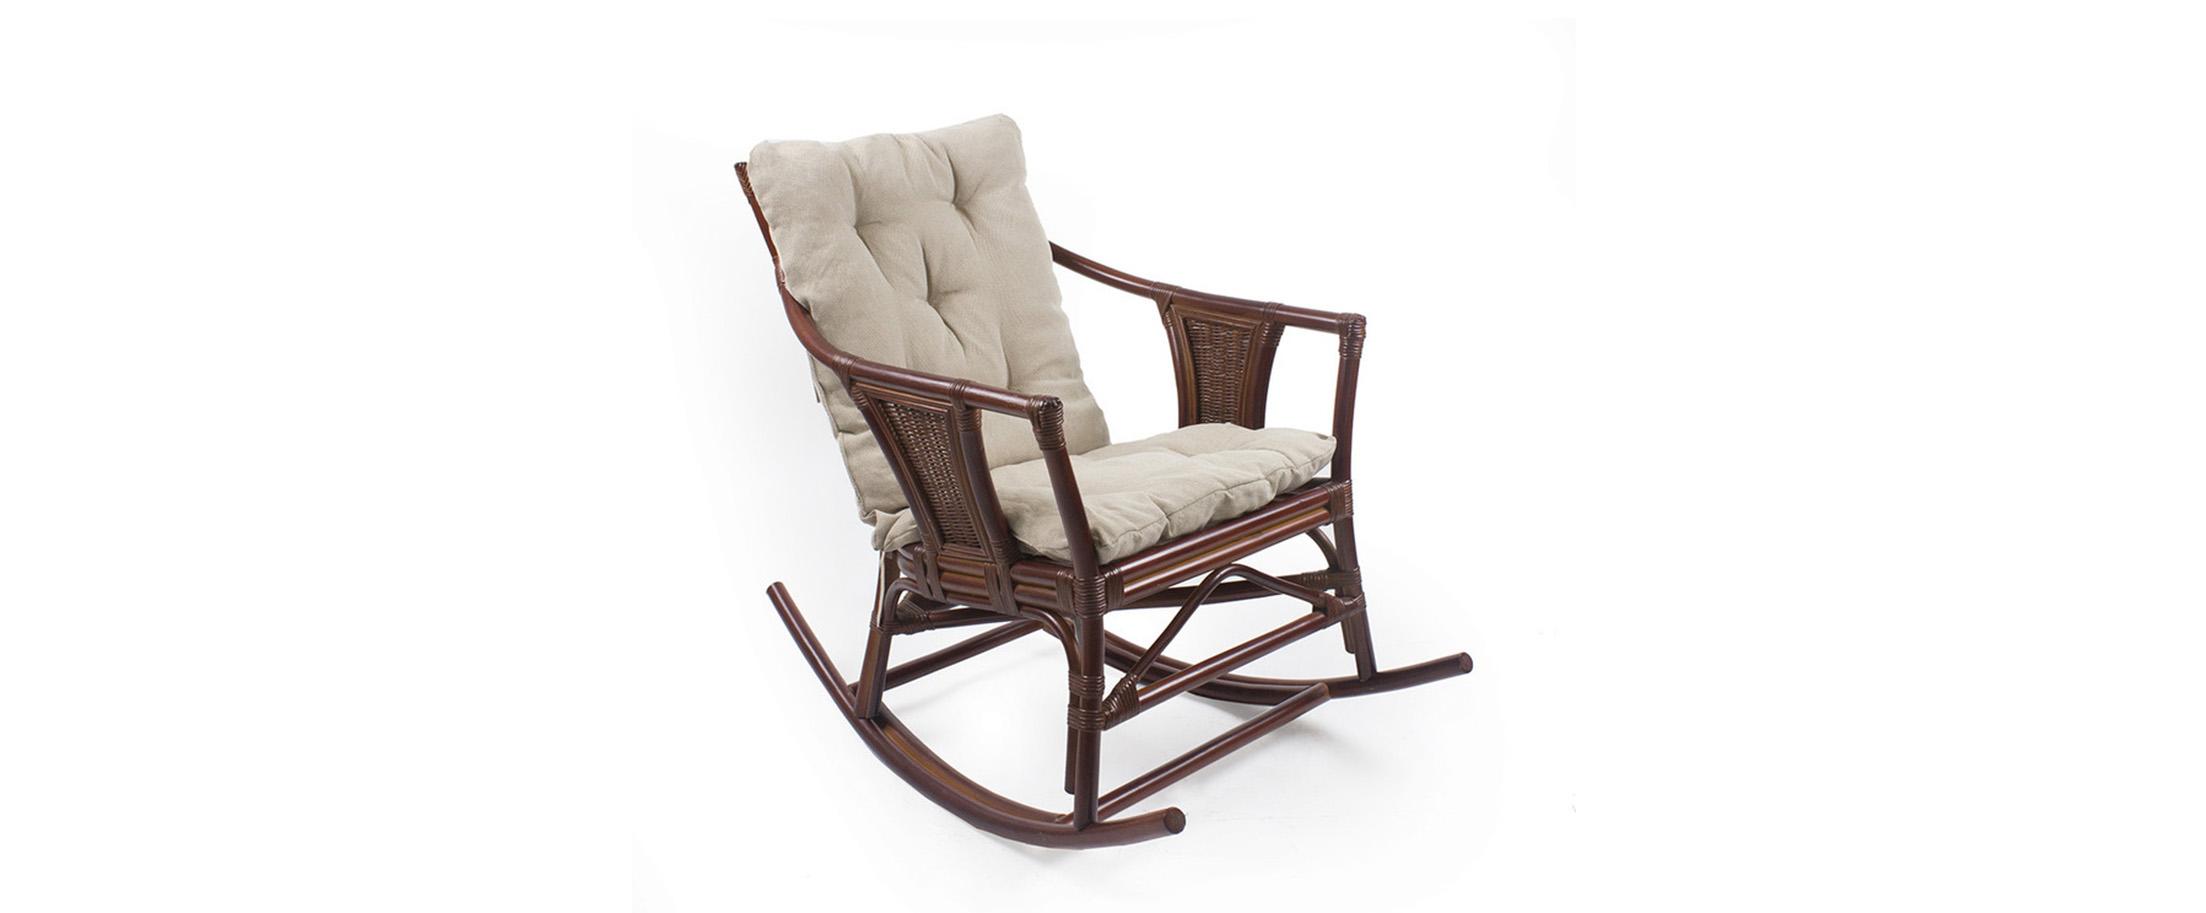 Кресло-качалка Canary Модель 364Кресло-качалка Canary Модель 364 артикул С000033